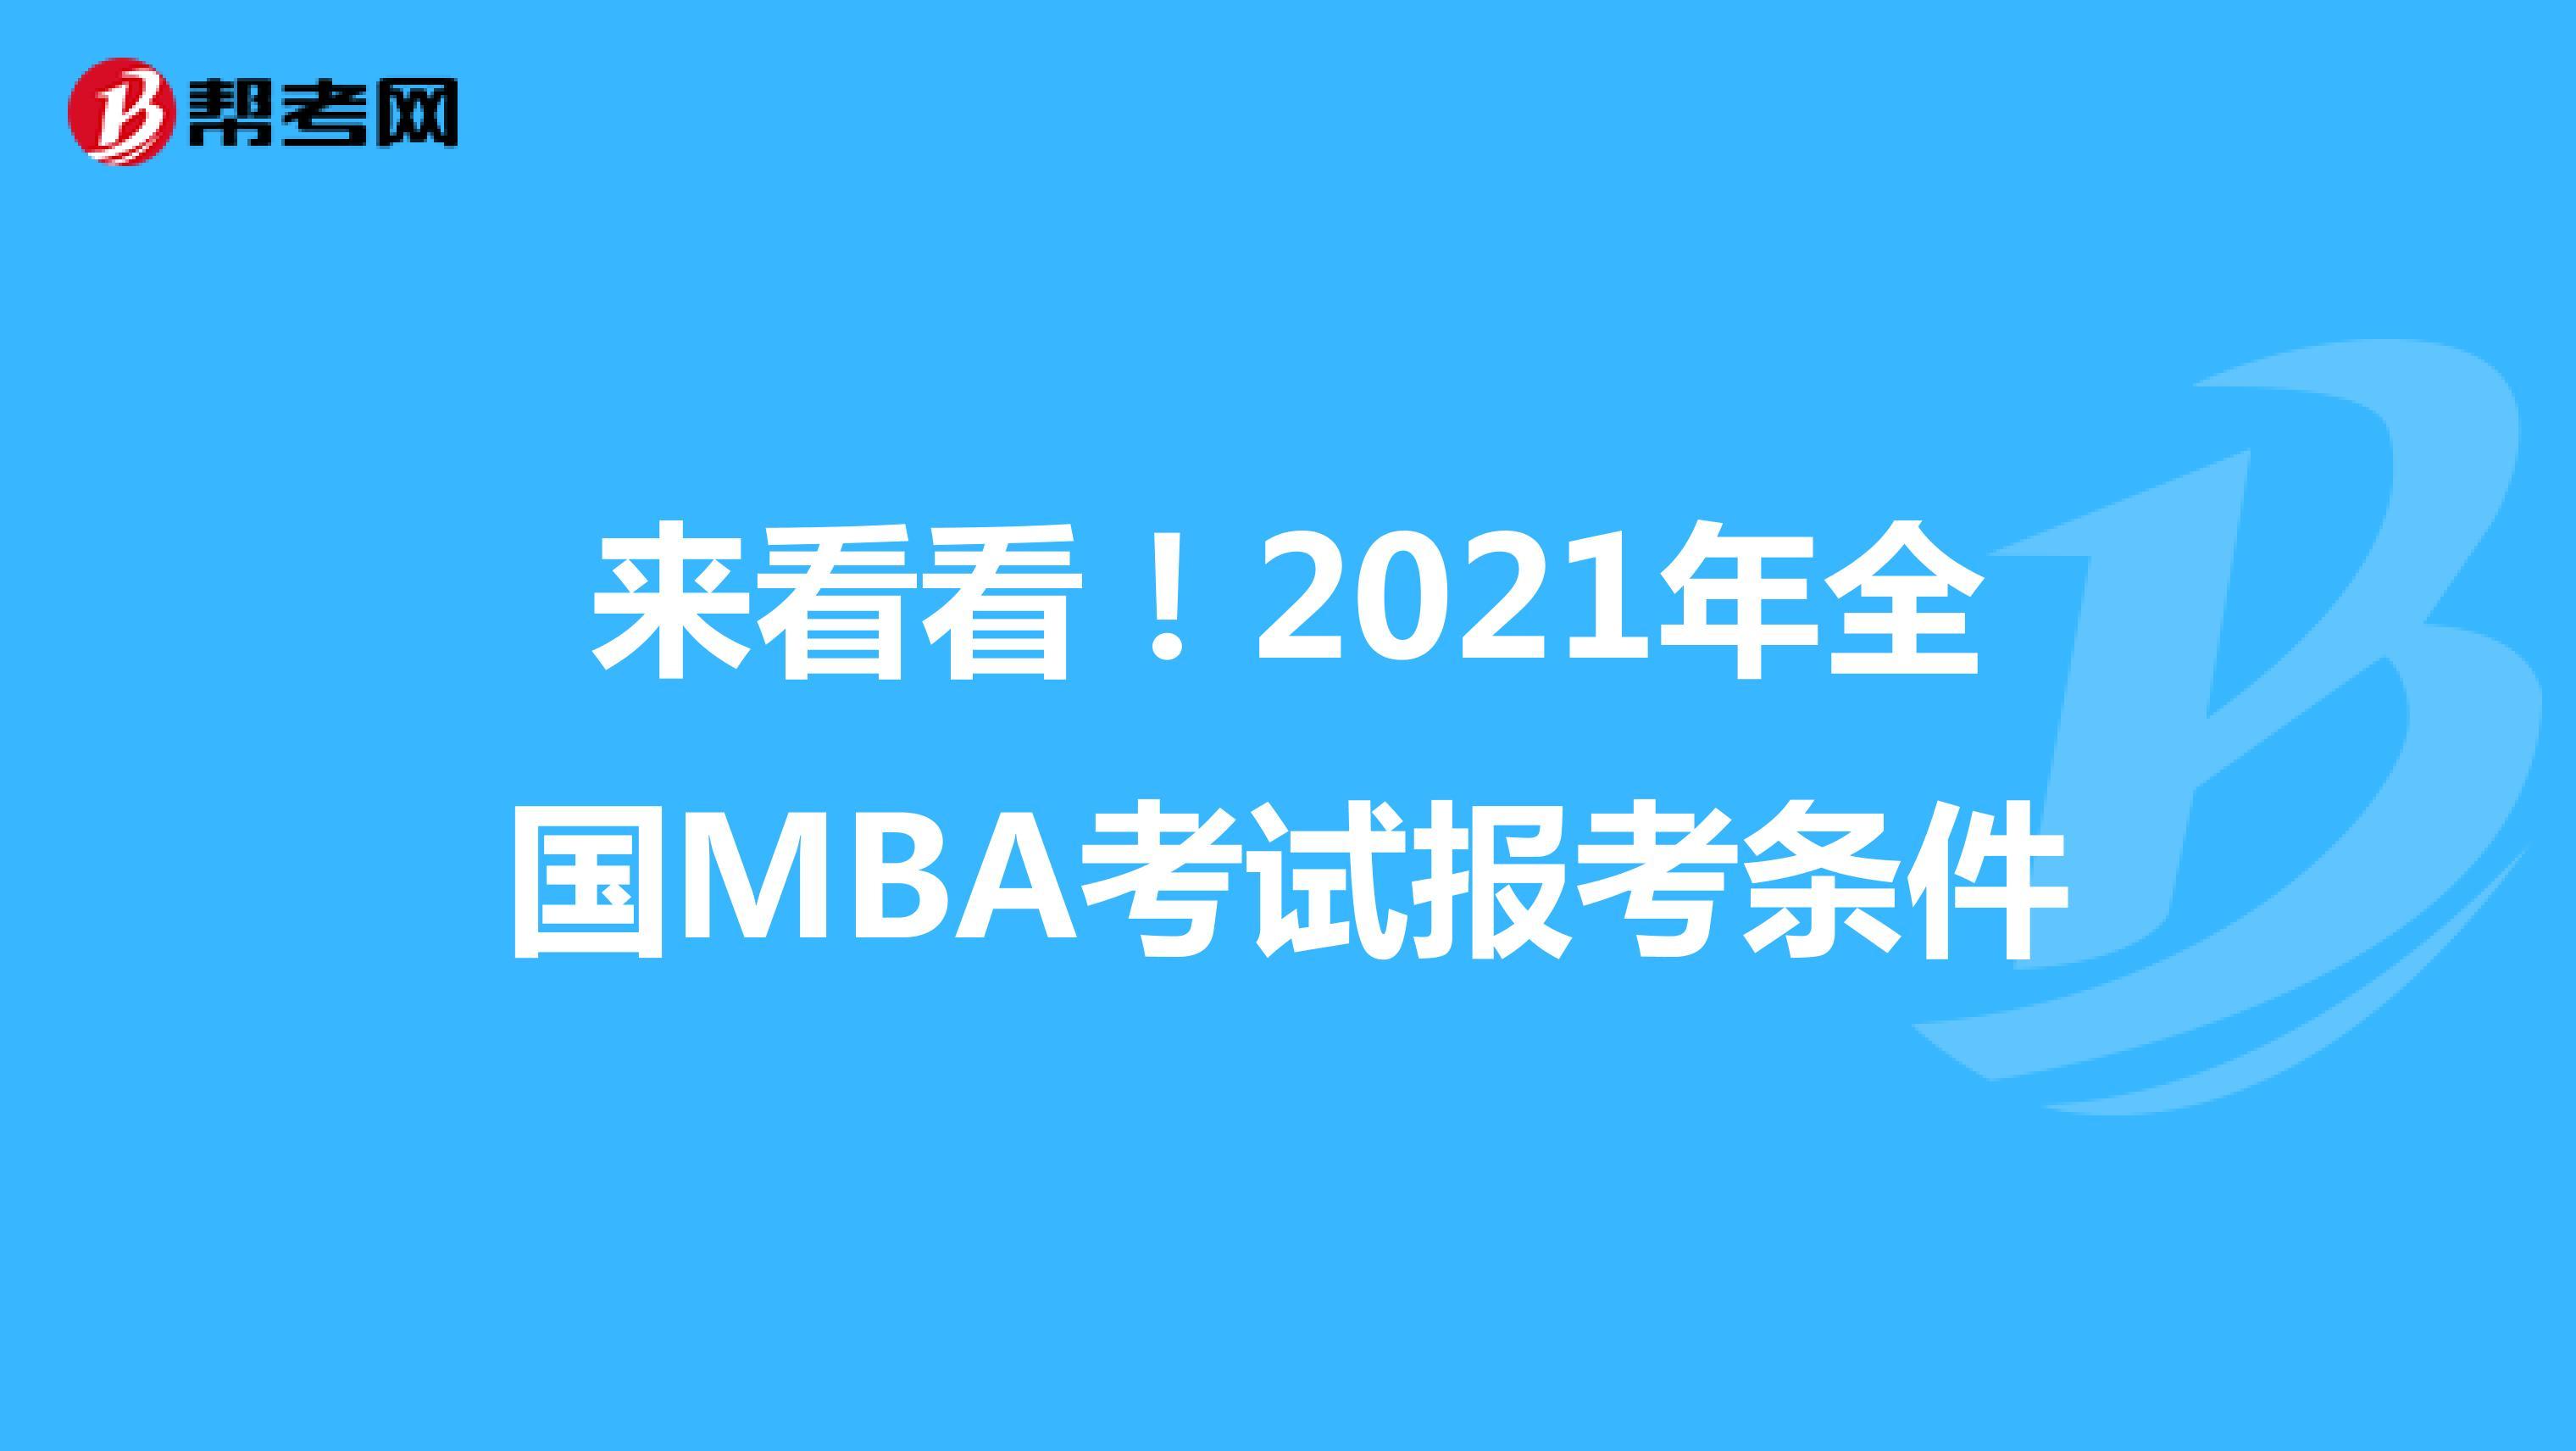 �砜纯矗�2021年全��MBA考��笥腥缡抵士�l件